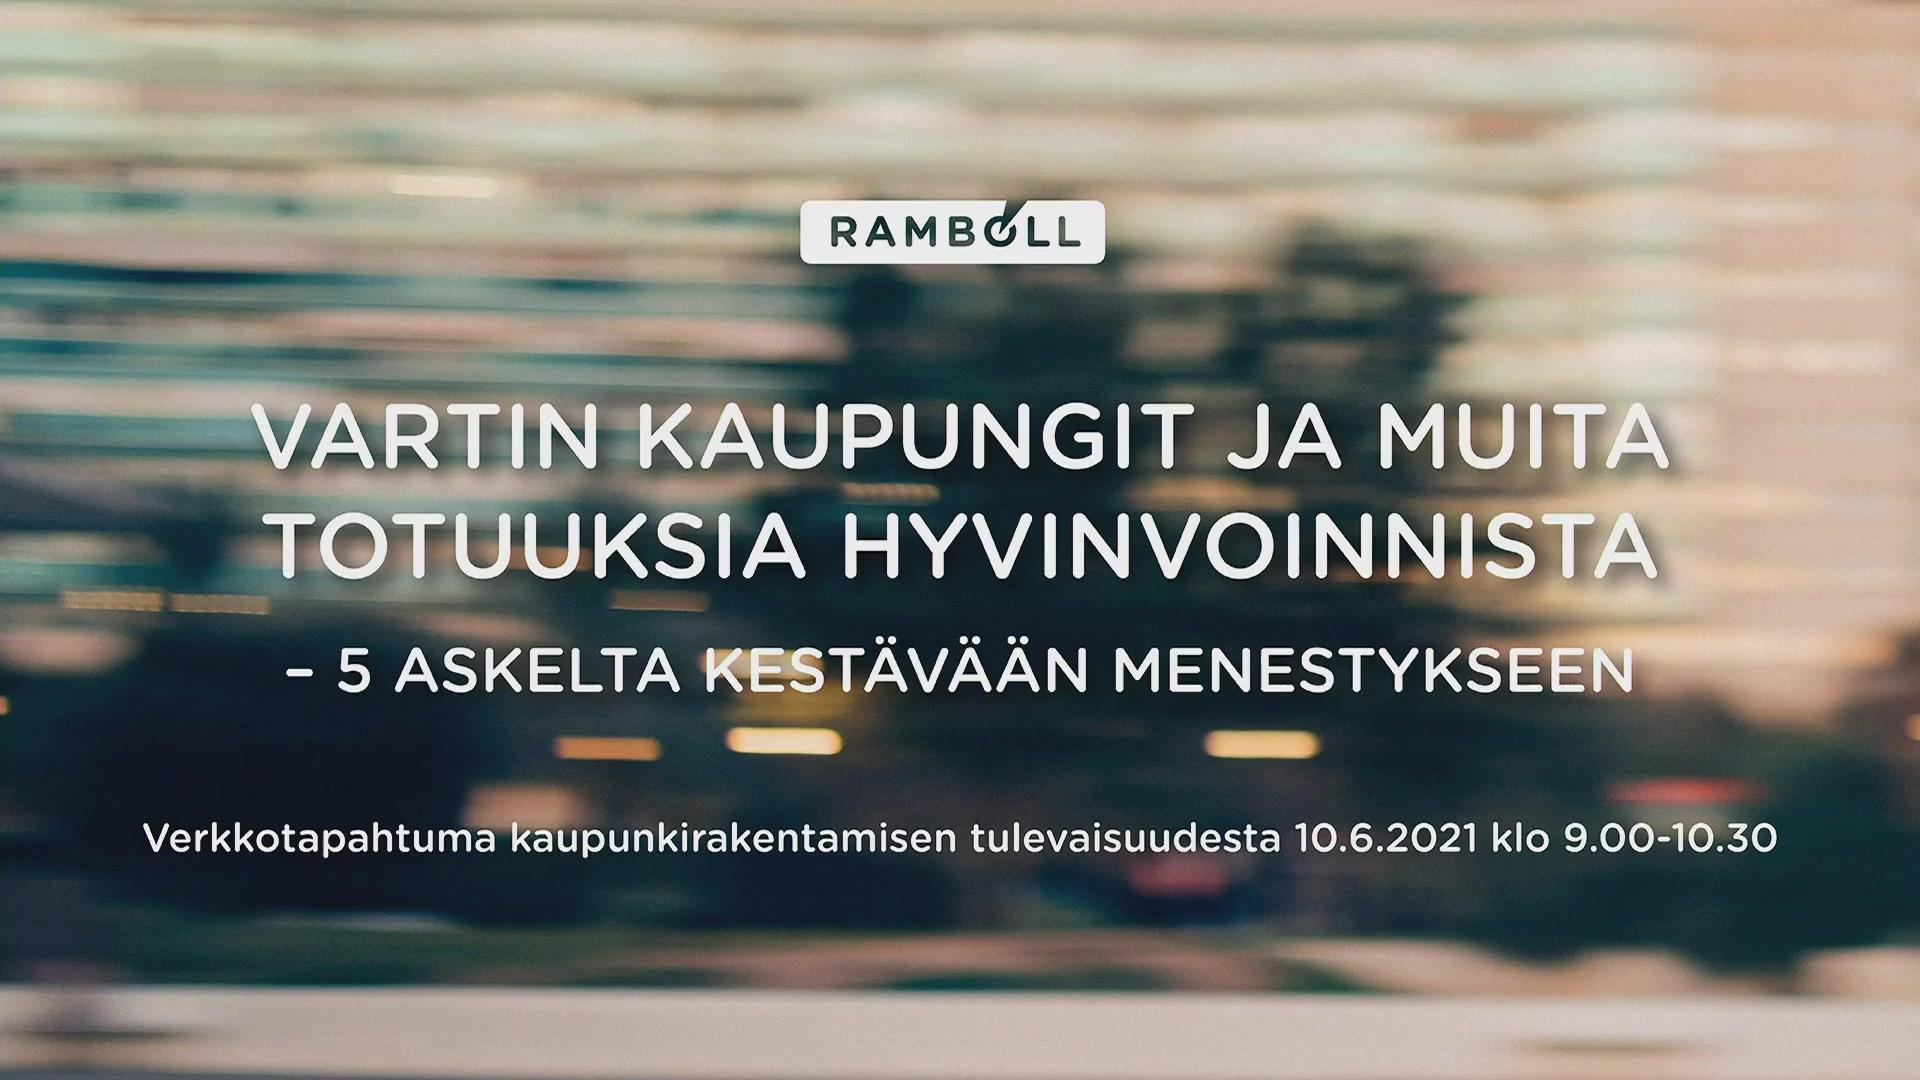 Ramboll-Vartin-kaupungit-ja-muita-totuuksia-hyvinvoinnista